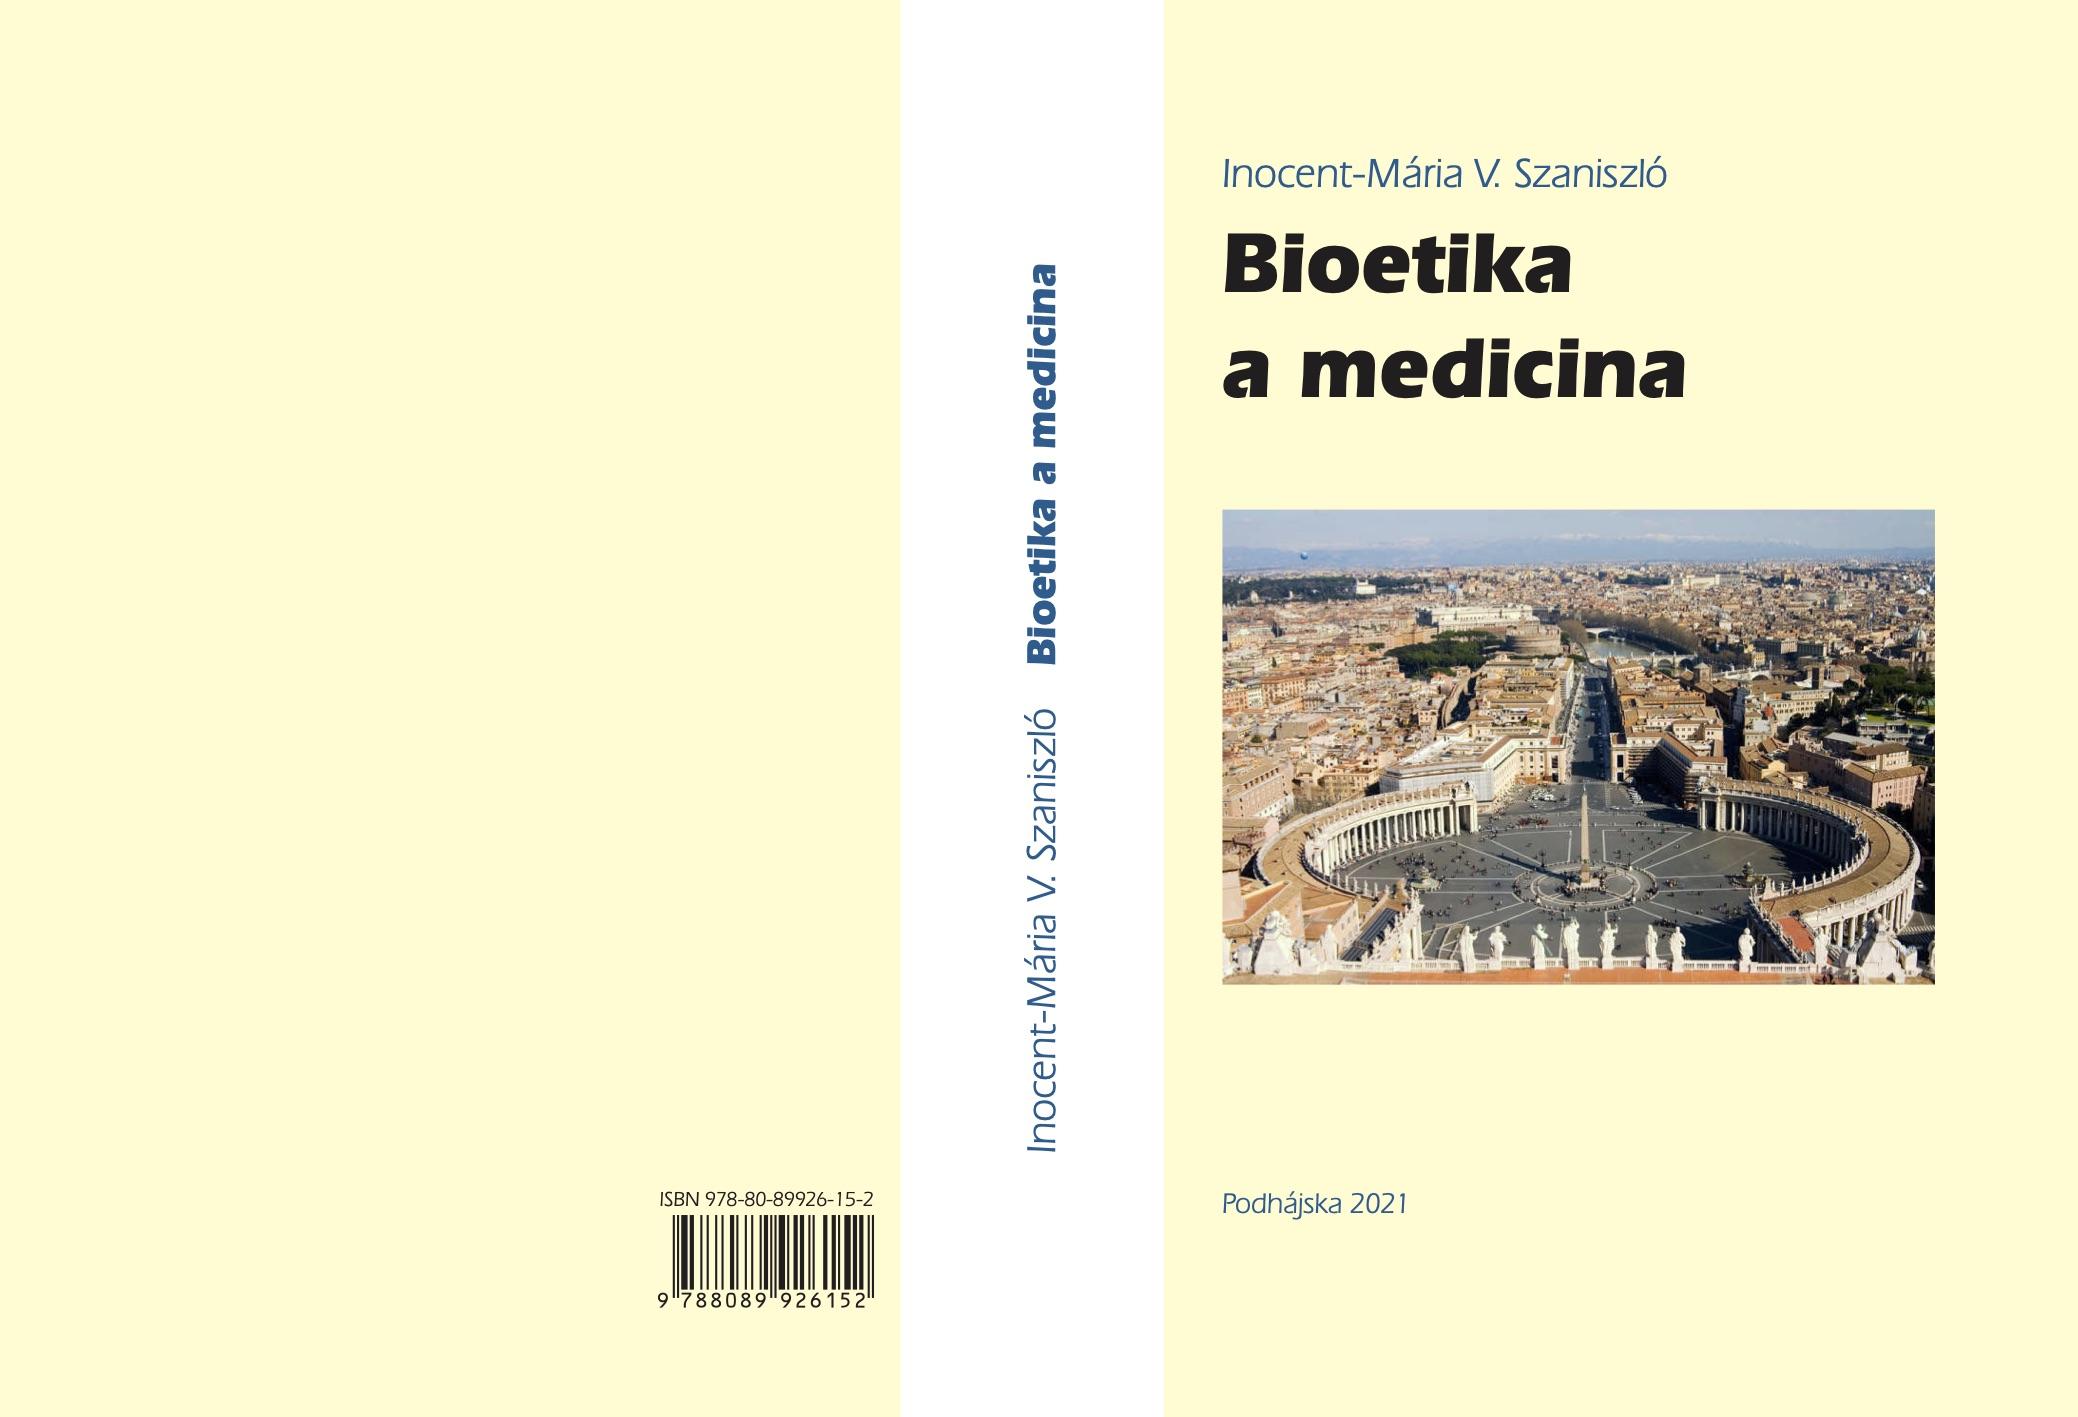 Bioetika a medicina book cover